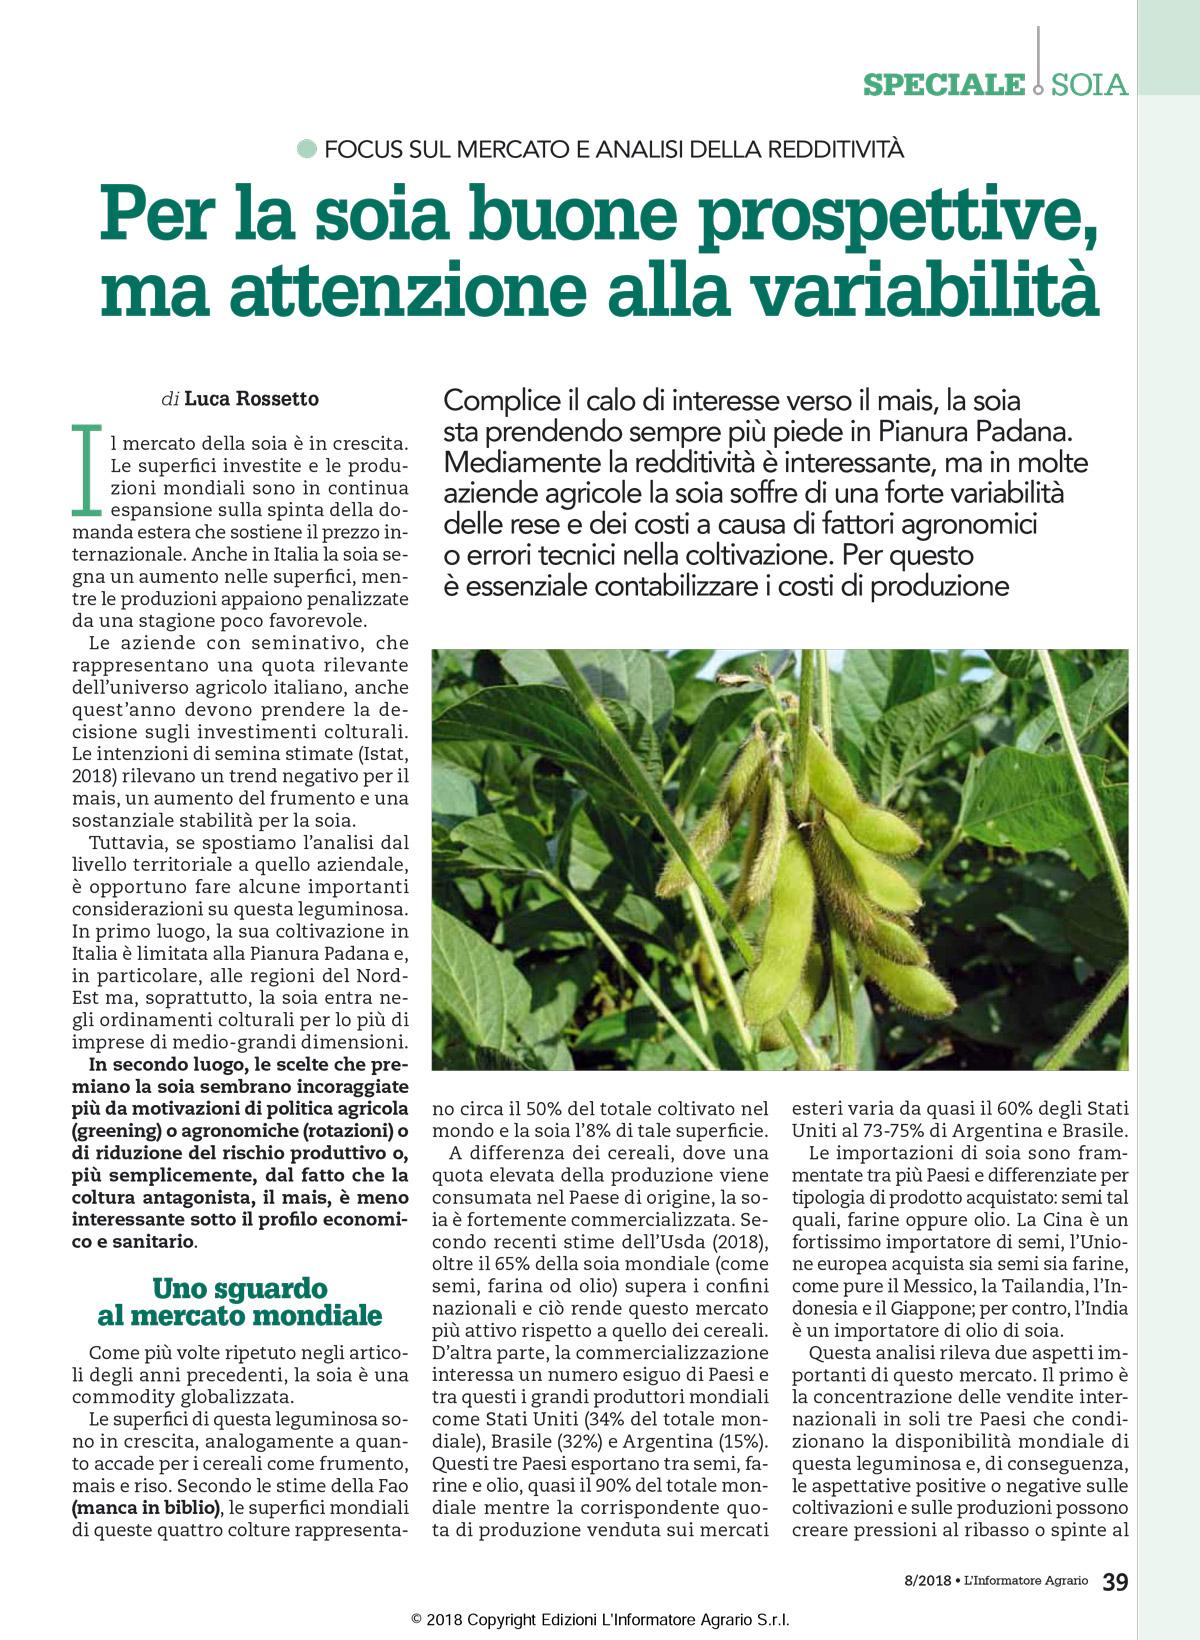 Informatore Agrario - Soia